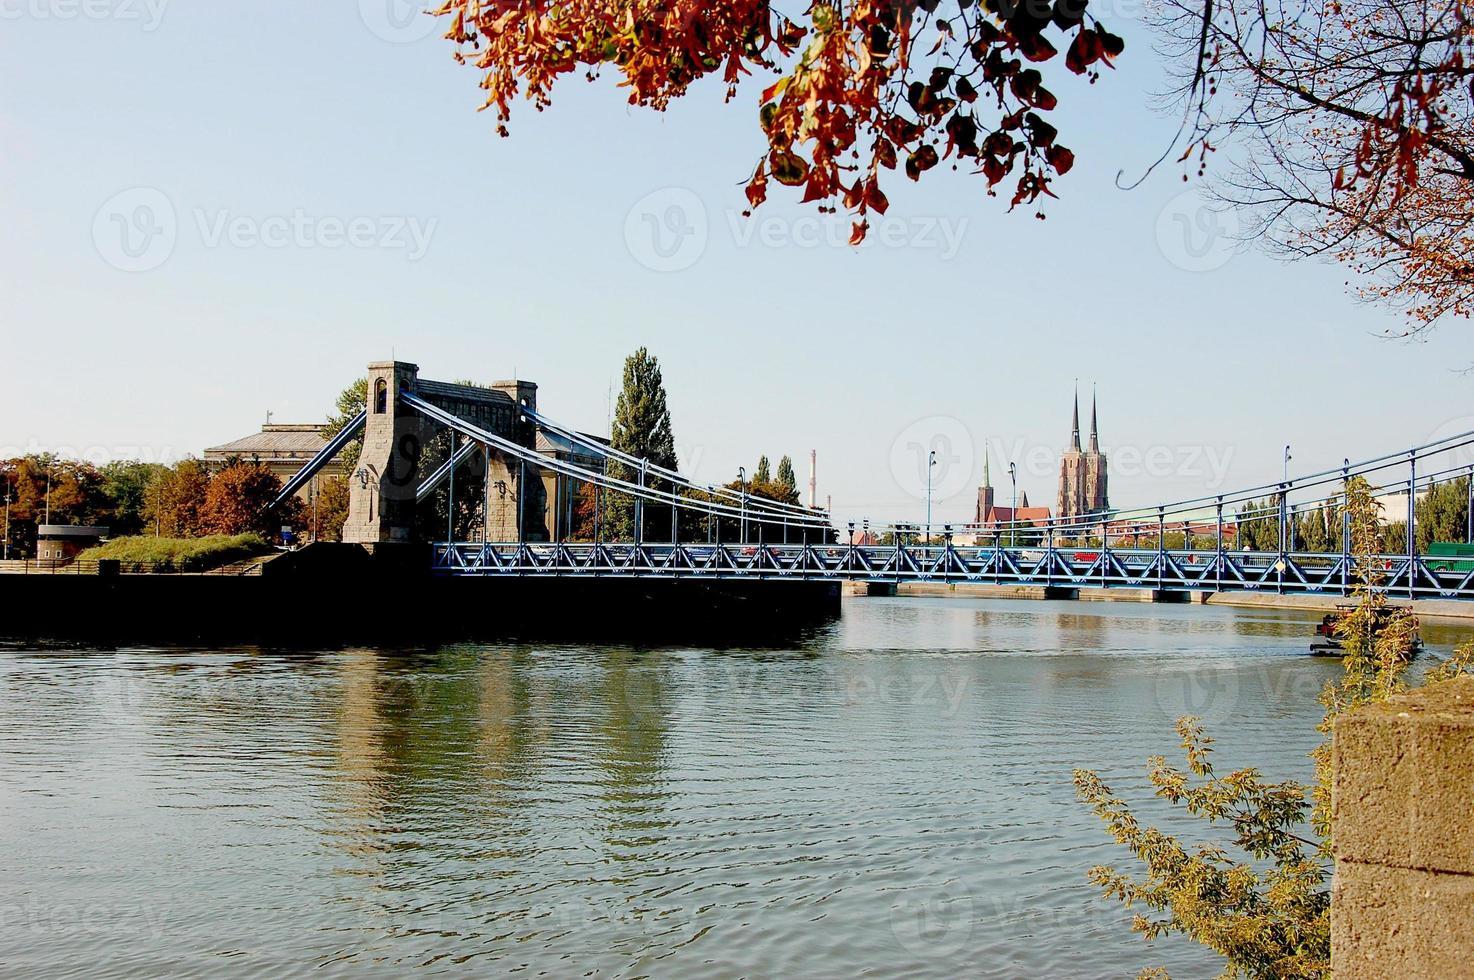 cidade histórica da polônia meridional foto